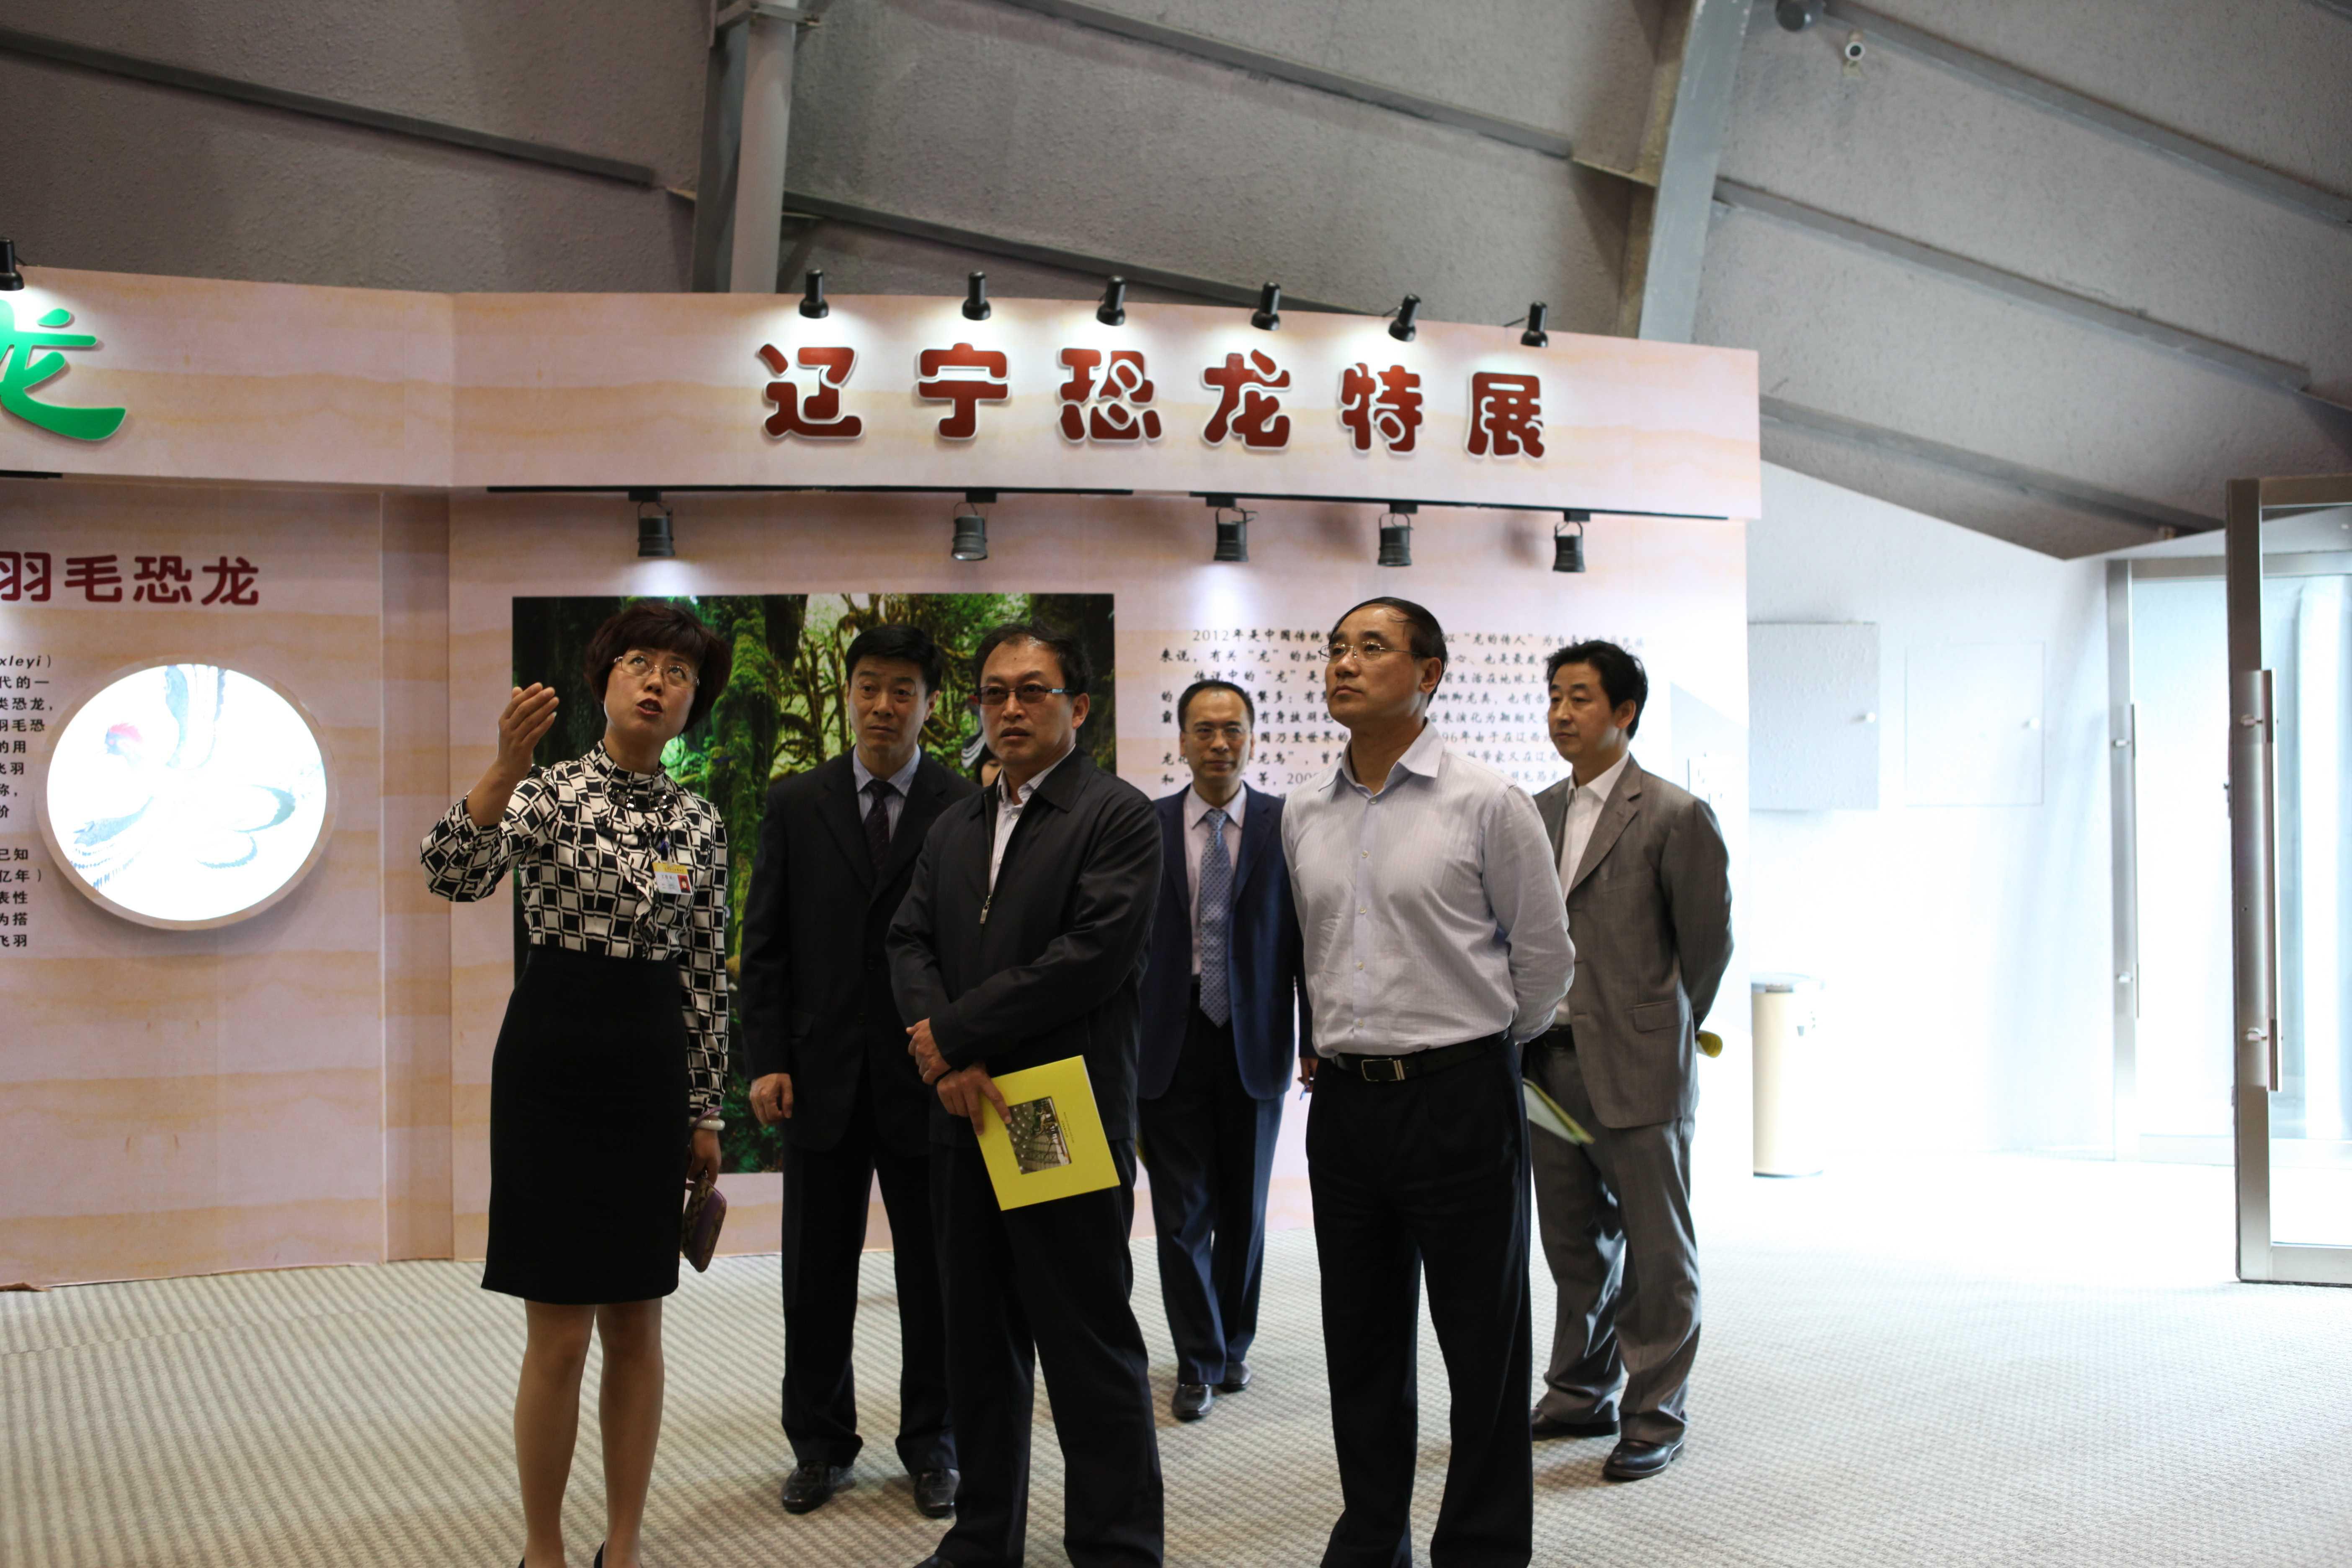 沈阳市政府副秘书长徐兴家(中)、市科技